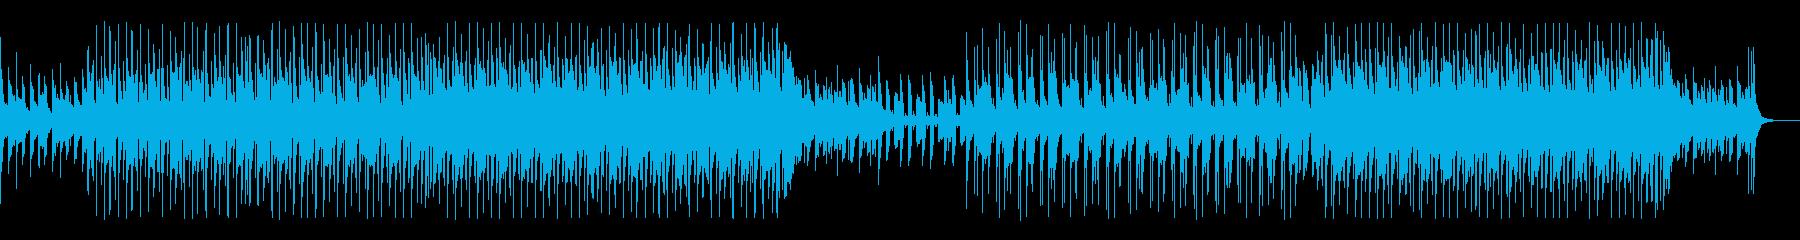 企業VP・ピアノと木琴・ほのぼの・ポップの再生済みの波形